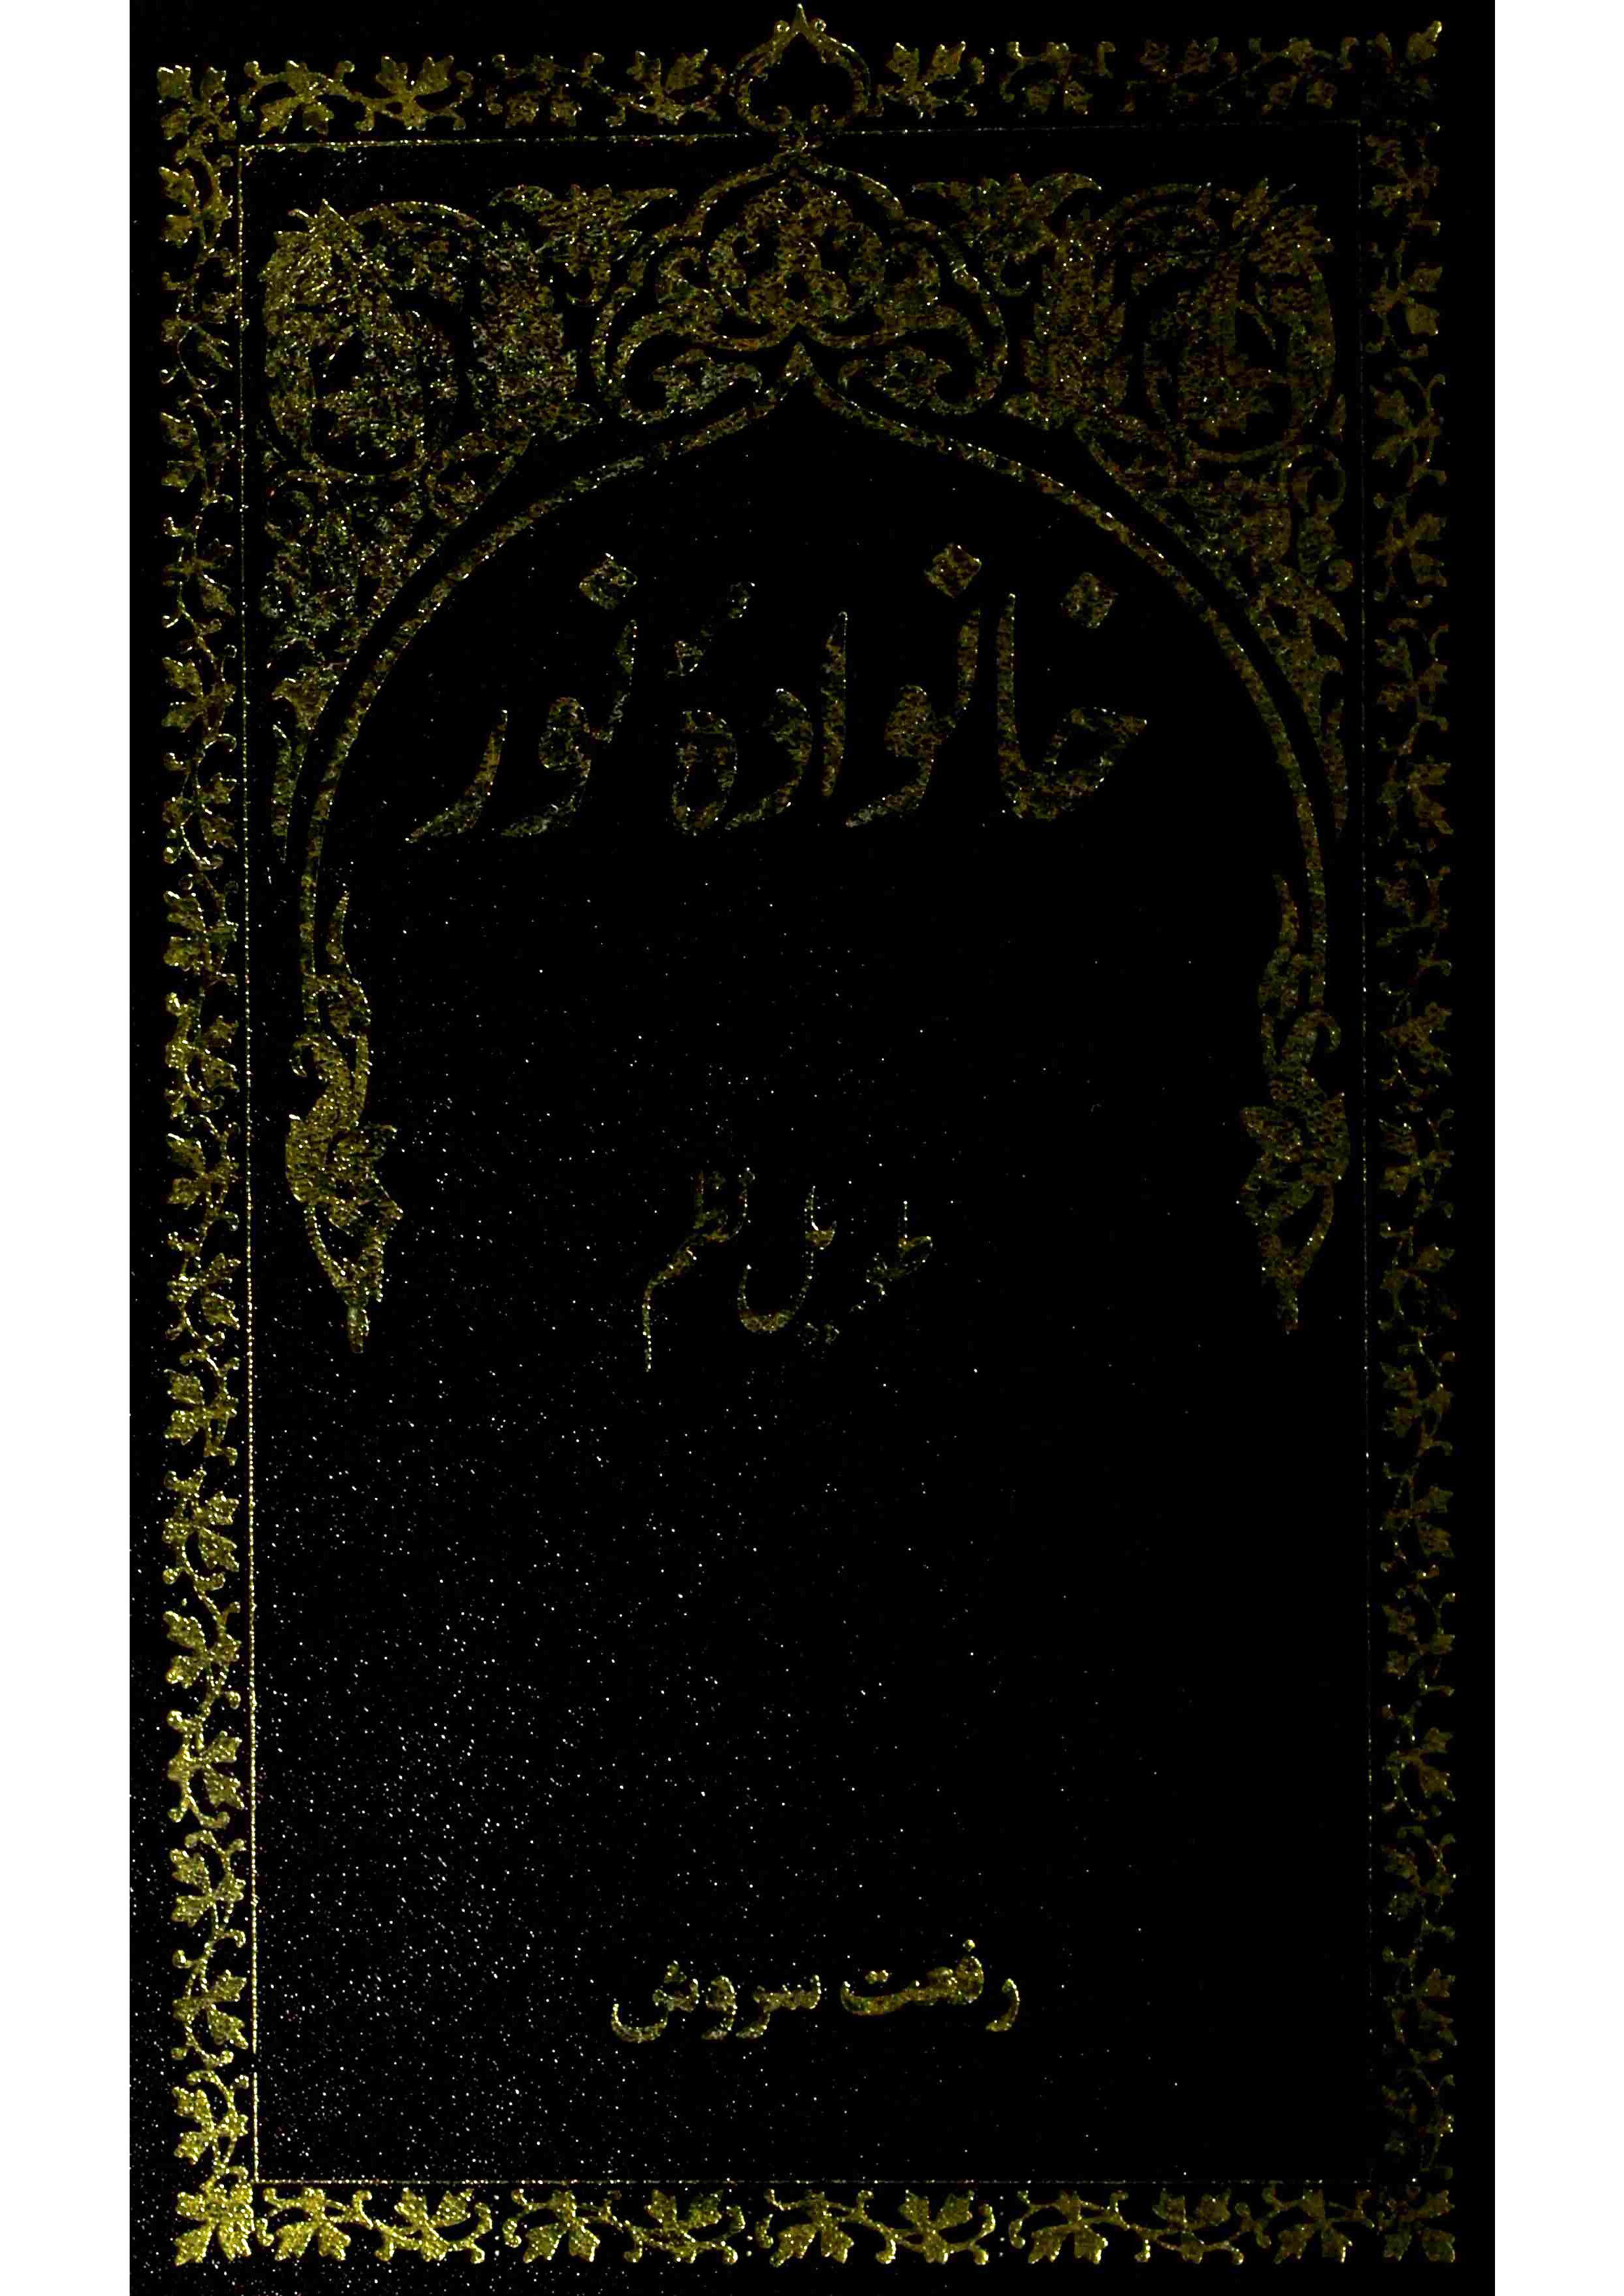 Khanooda-e-Noor